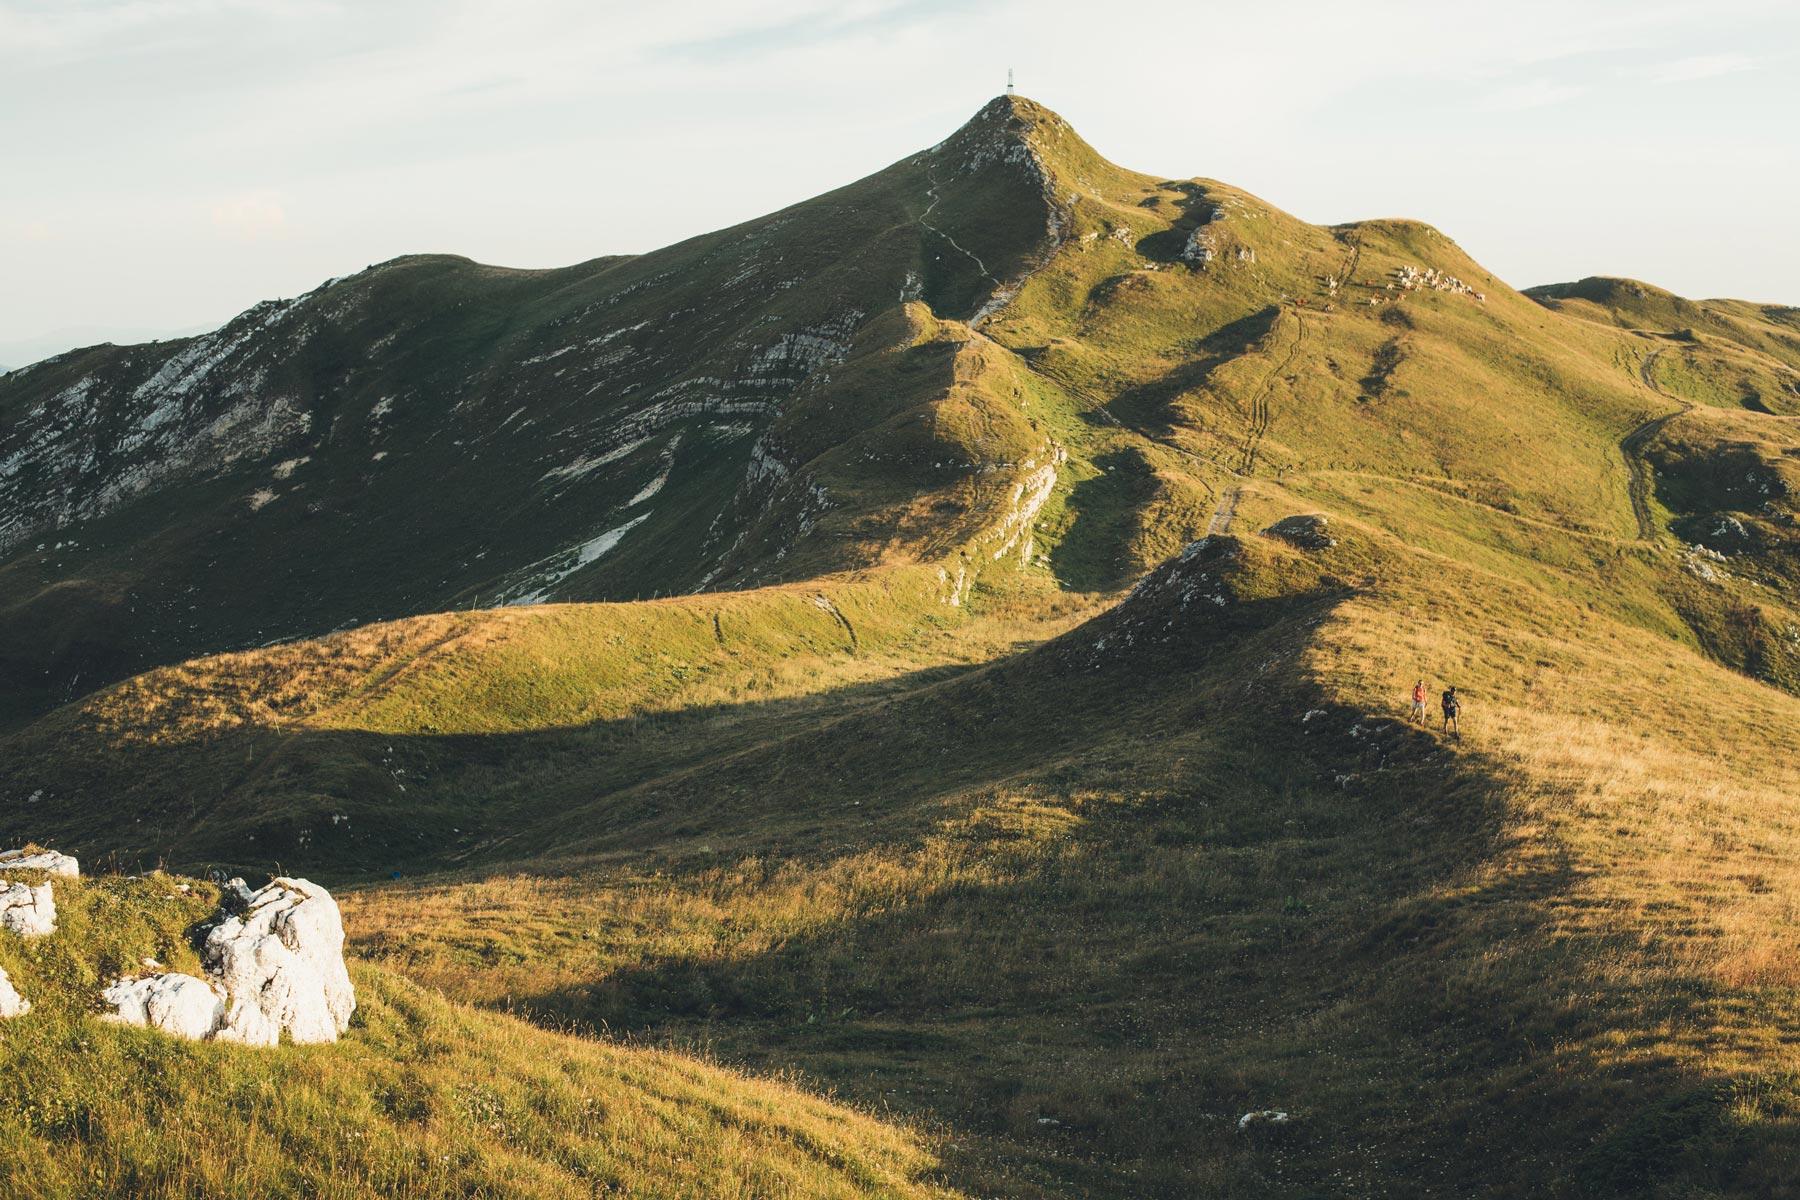 Le Reculet, 1719m, Montagnes du Jura